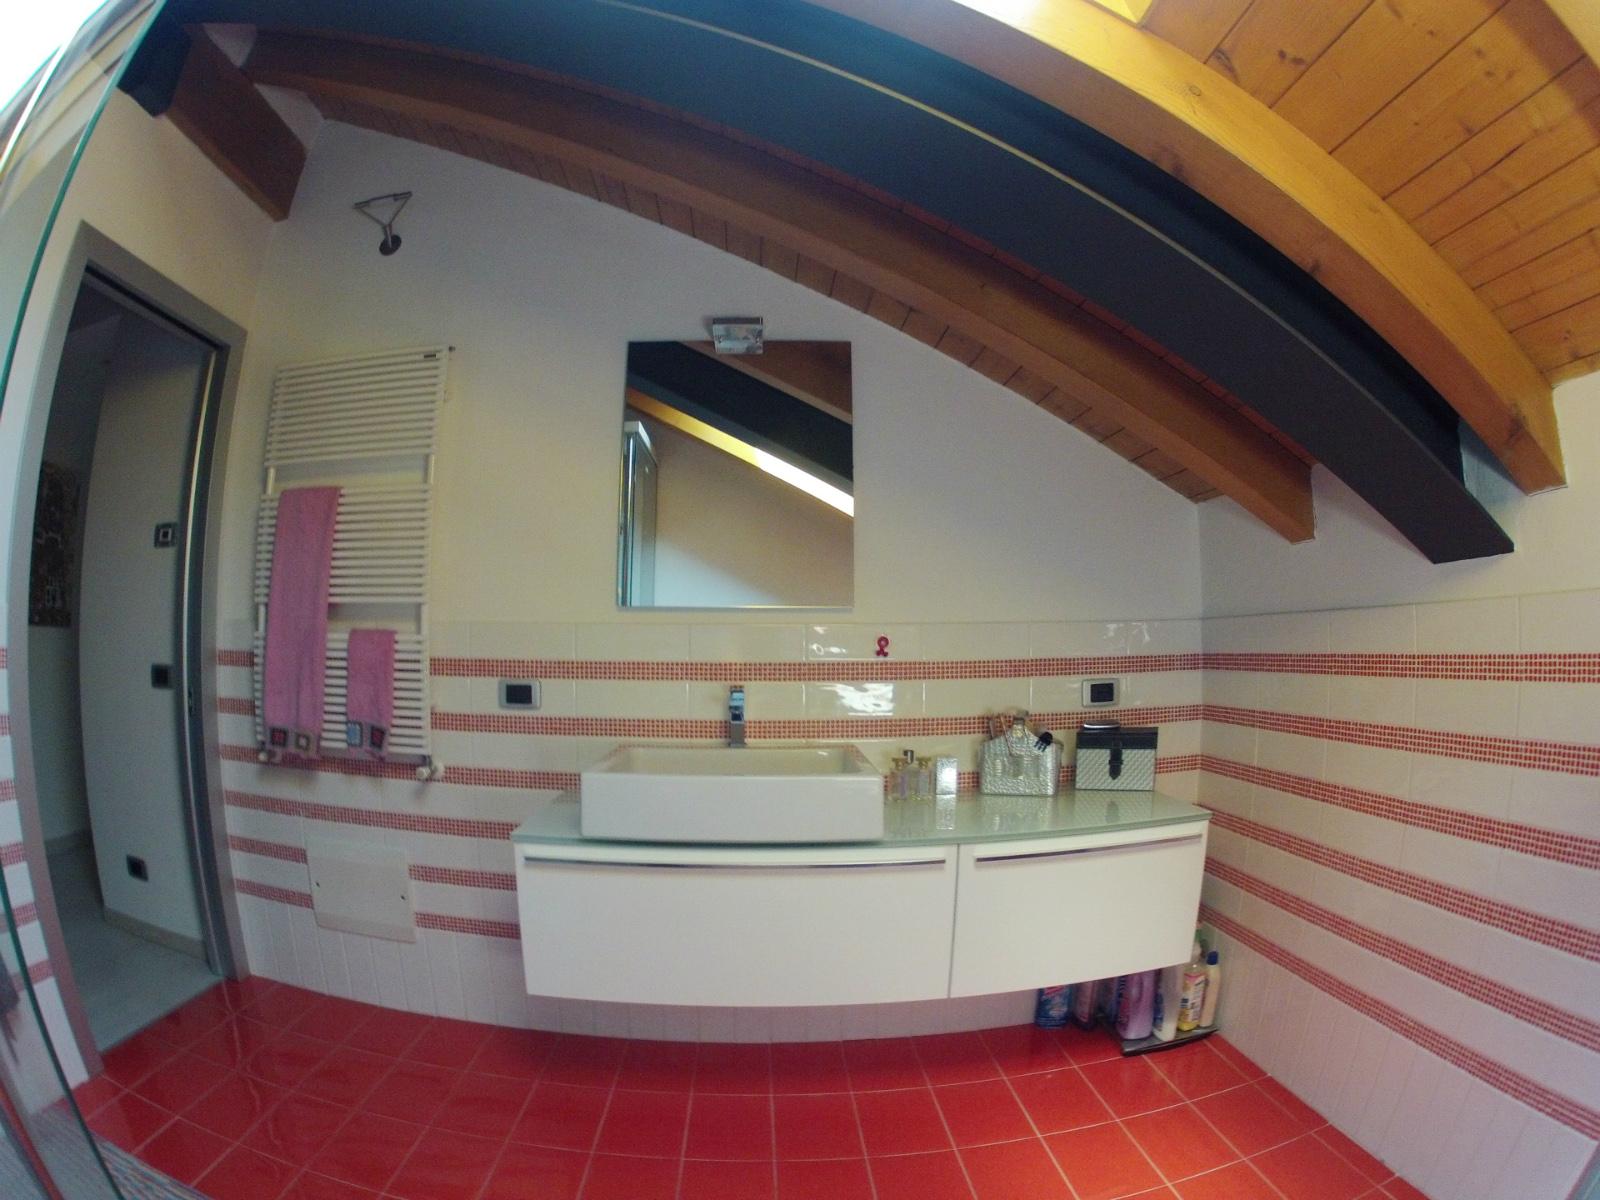 Works sintesibagno progetto e realizzazione arredobagno bagno mansarda - Sintesi bagno verbania ...